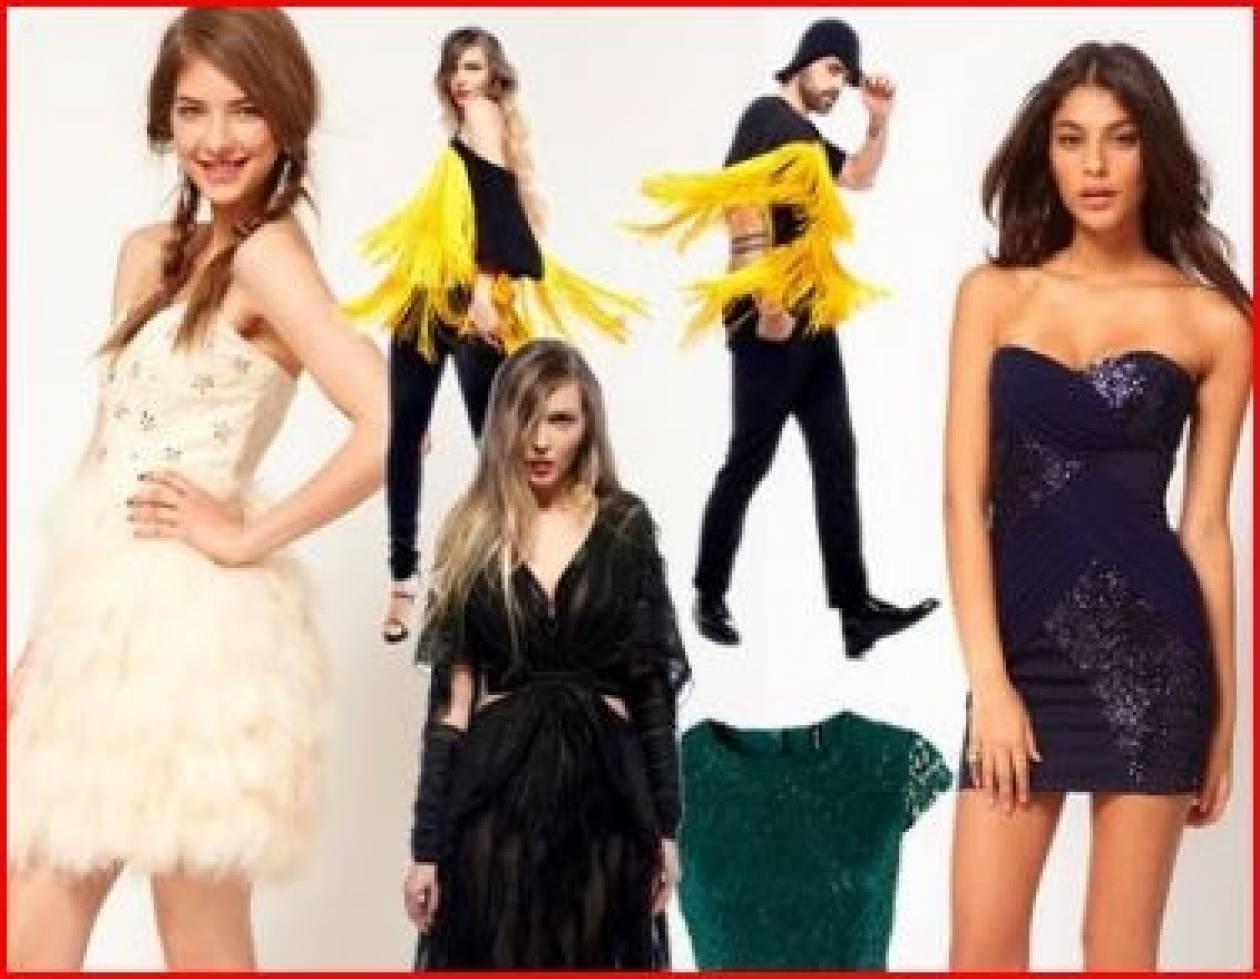 Το Queen.gr σας βοηθάει να διαλέξετε ρούχα για το ρεβεγιόν